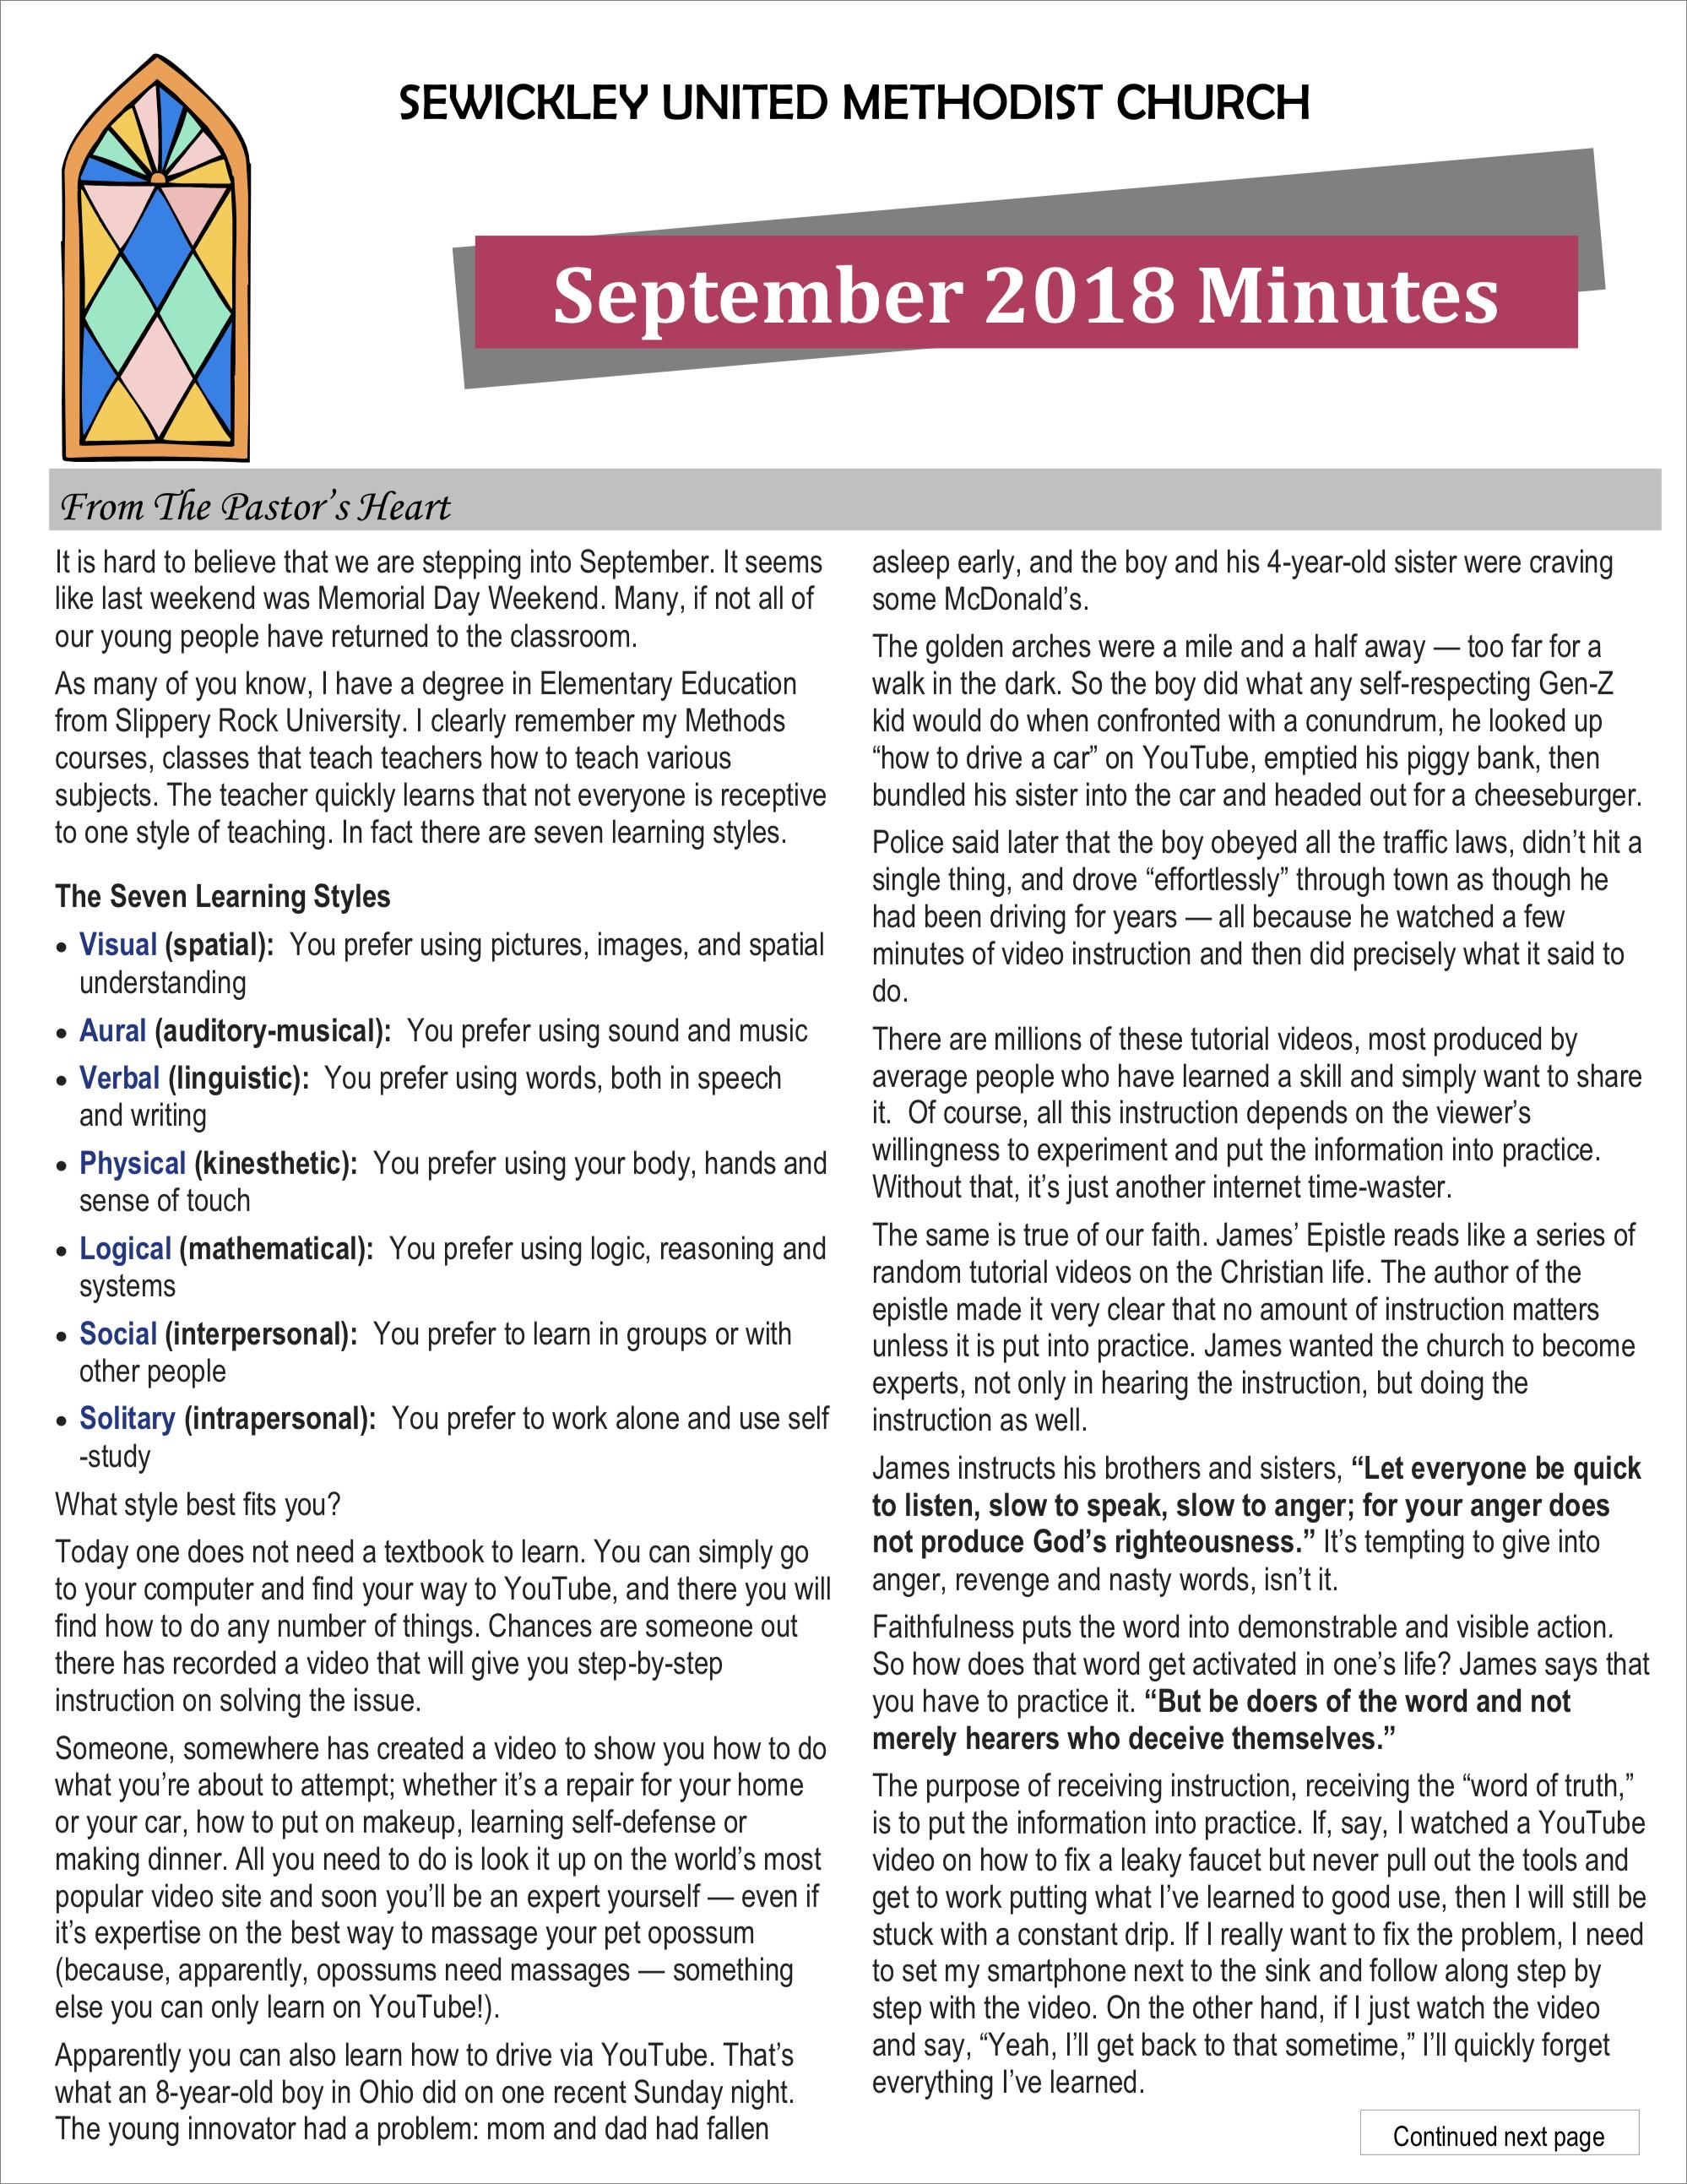 September 2018 Minutes.png